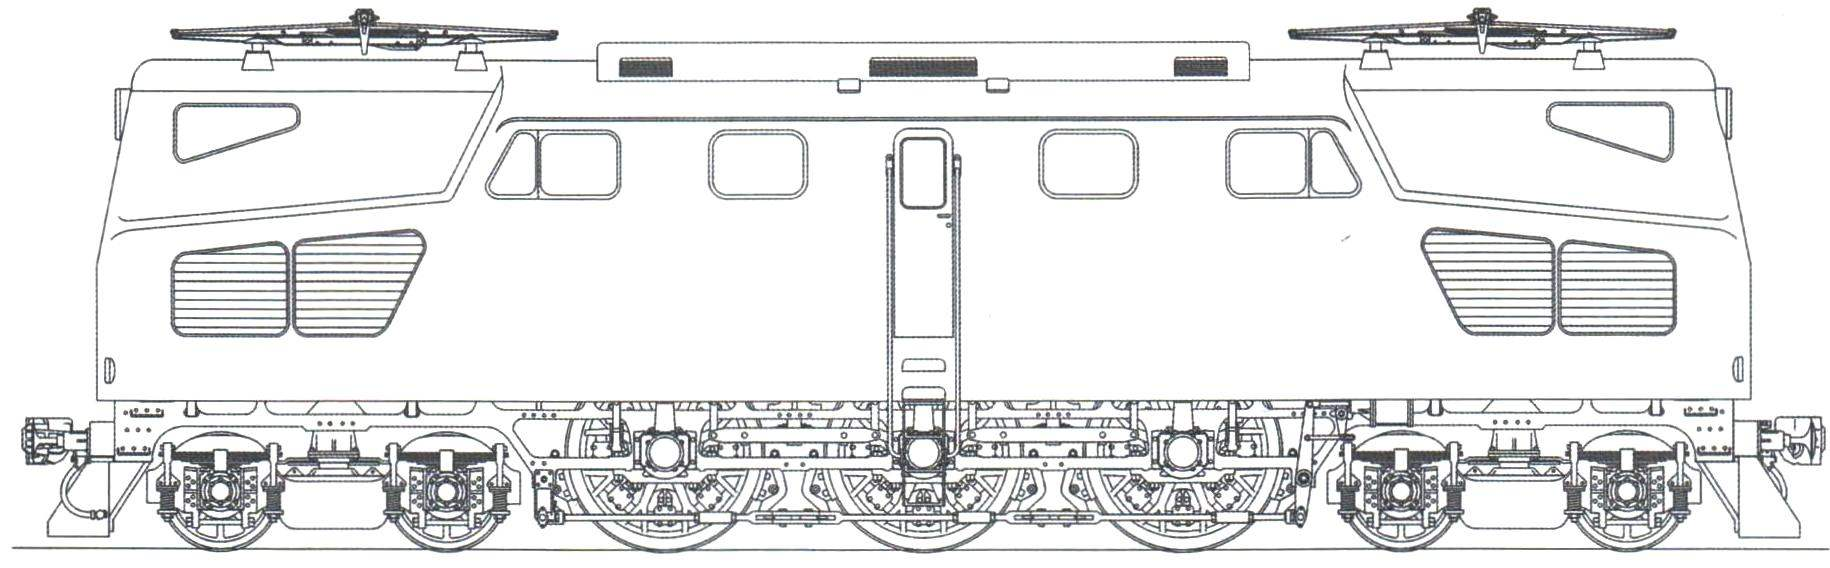 Модернизированный электровоз ПБ21, проект 1939 г.